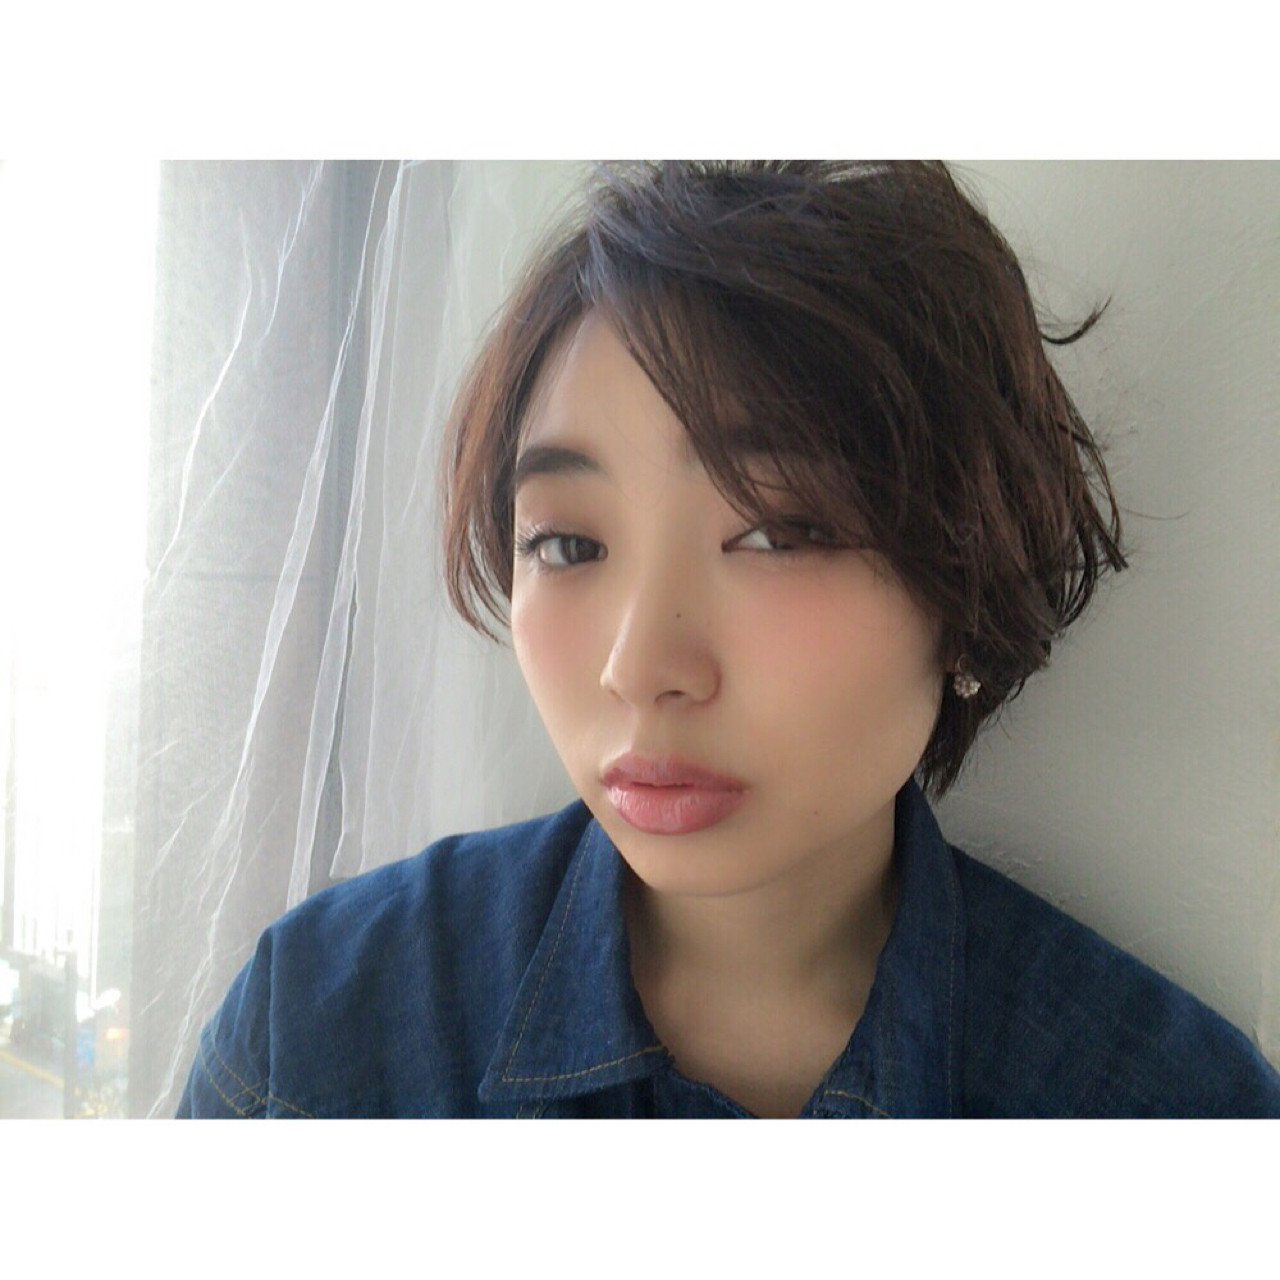 どんなイメージになりたい?前髪ありと前髪なしを徹底分析! joemi 大久保 瞳